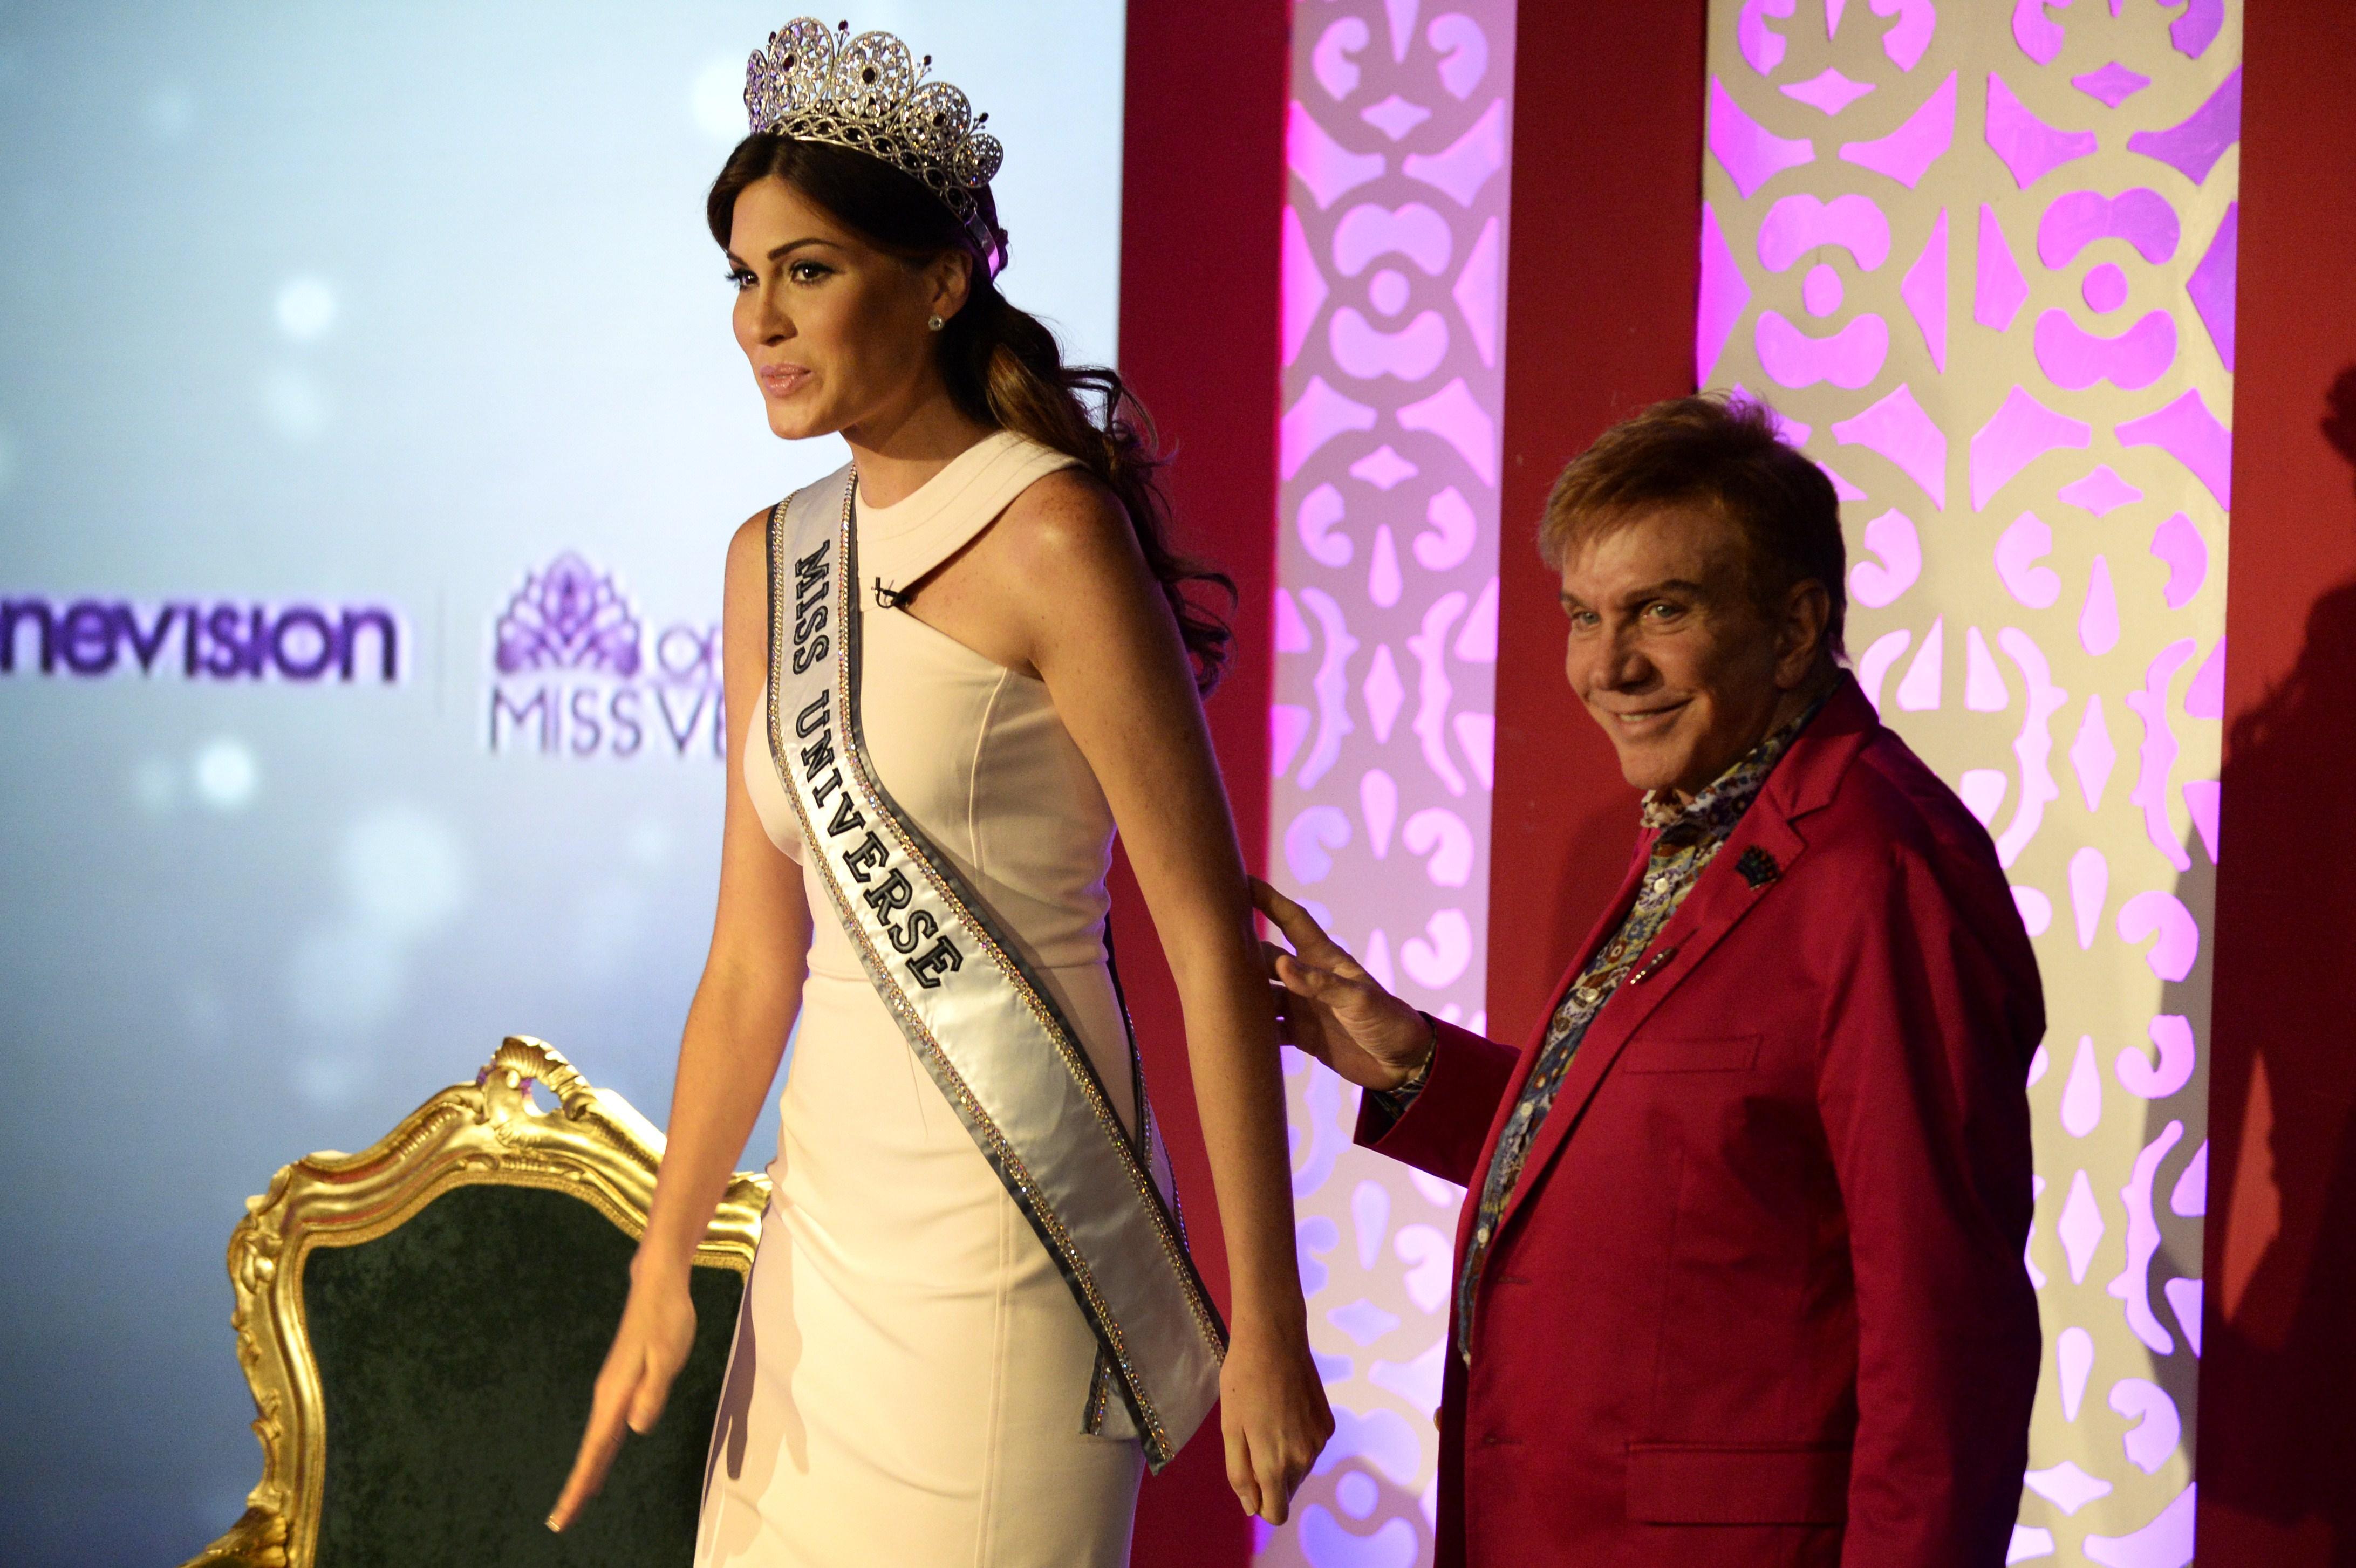 Miss Universe, María Gabriella Isler